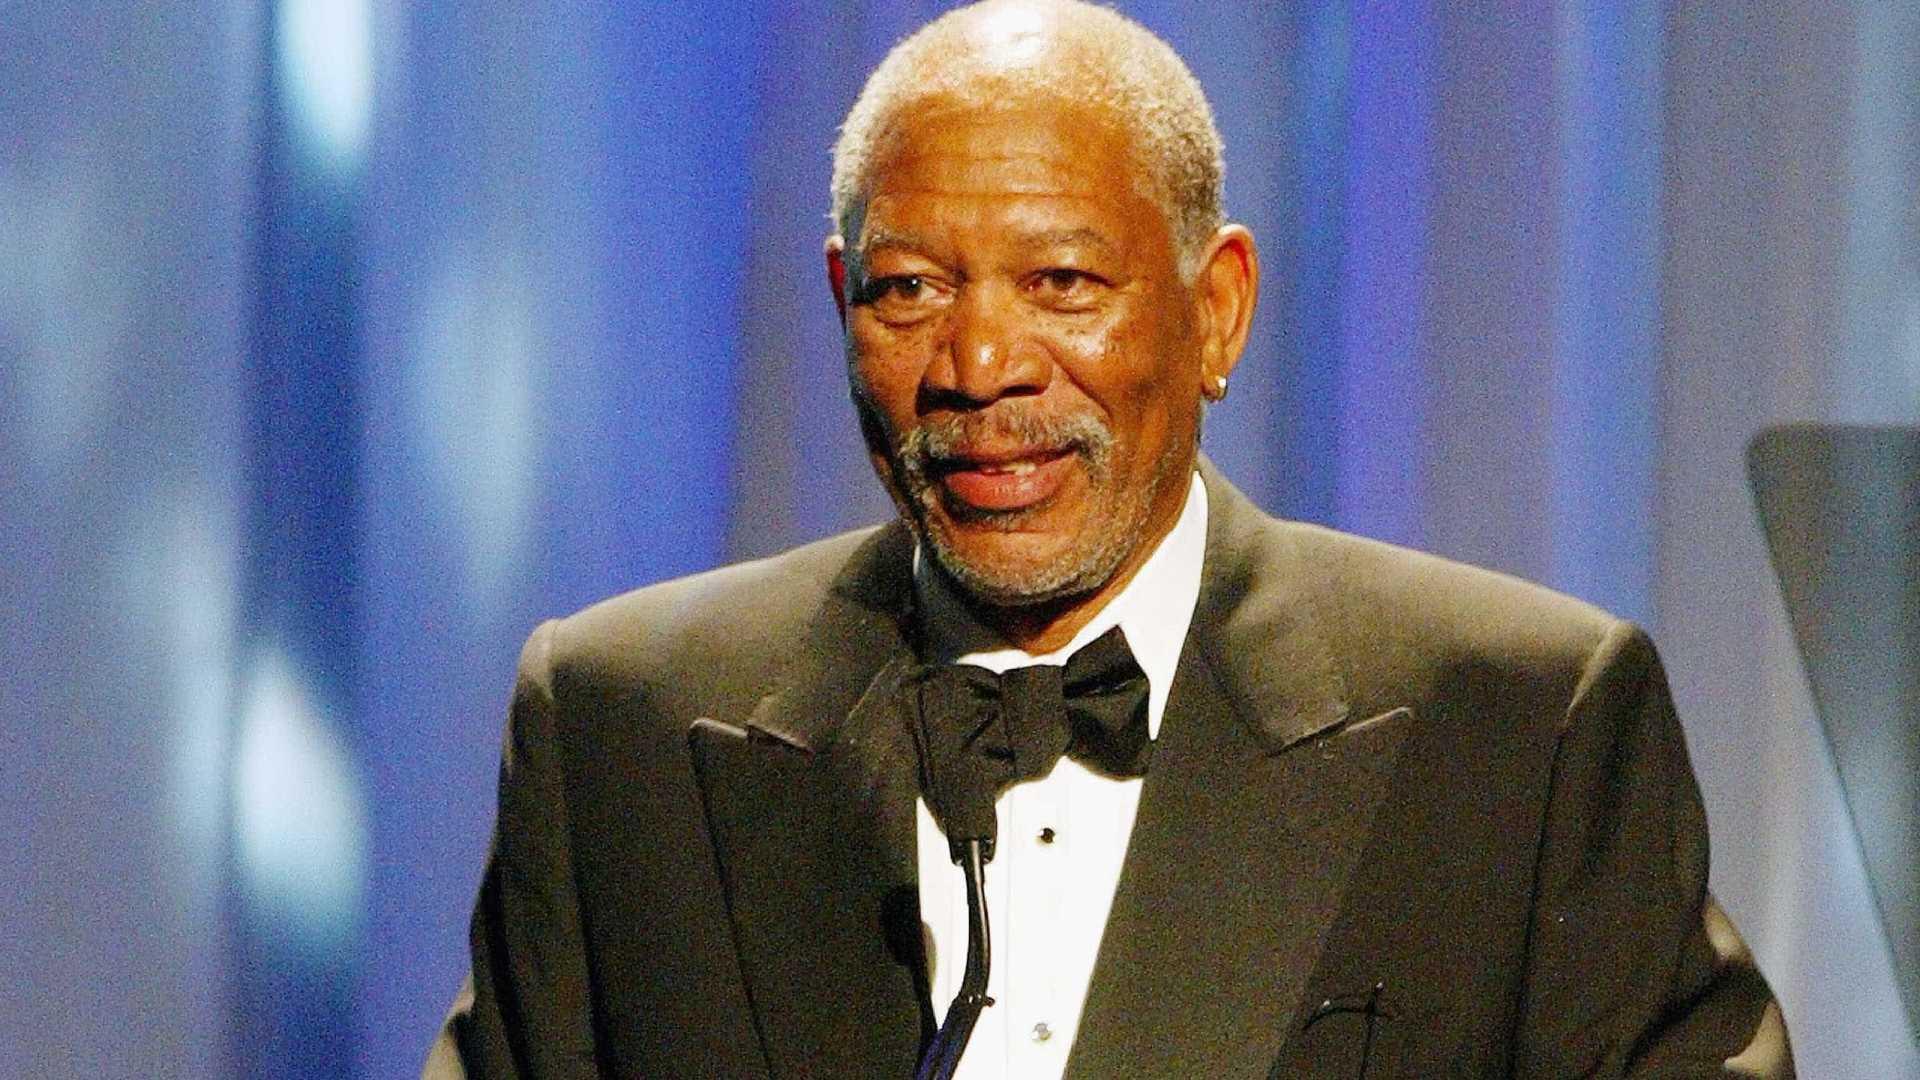 naom 574eb524c654b - 'Estou devastado', diz Morgan Freeman sobre acusações de assédio sexual